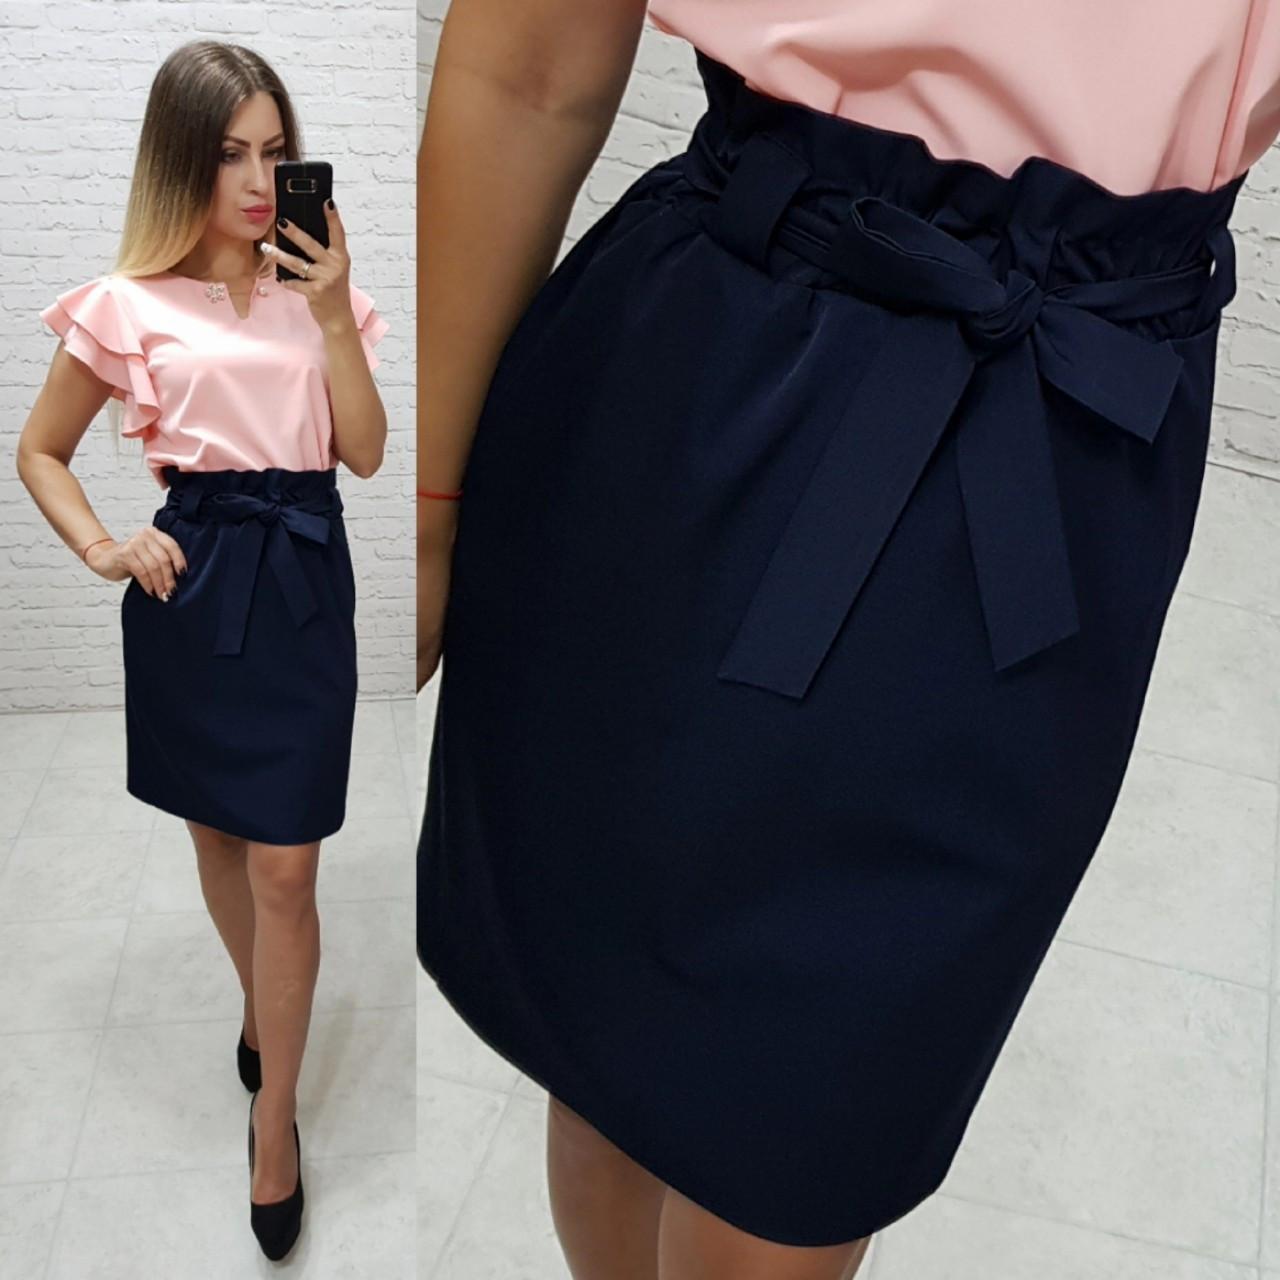 Новинка! Стильная юбка с поясом, арт 174, цвет тёмно синий